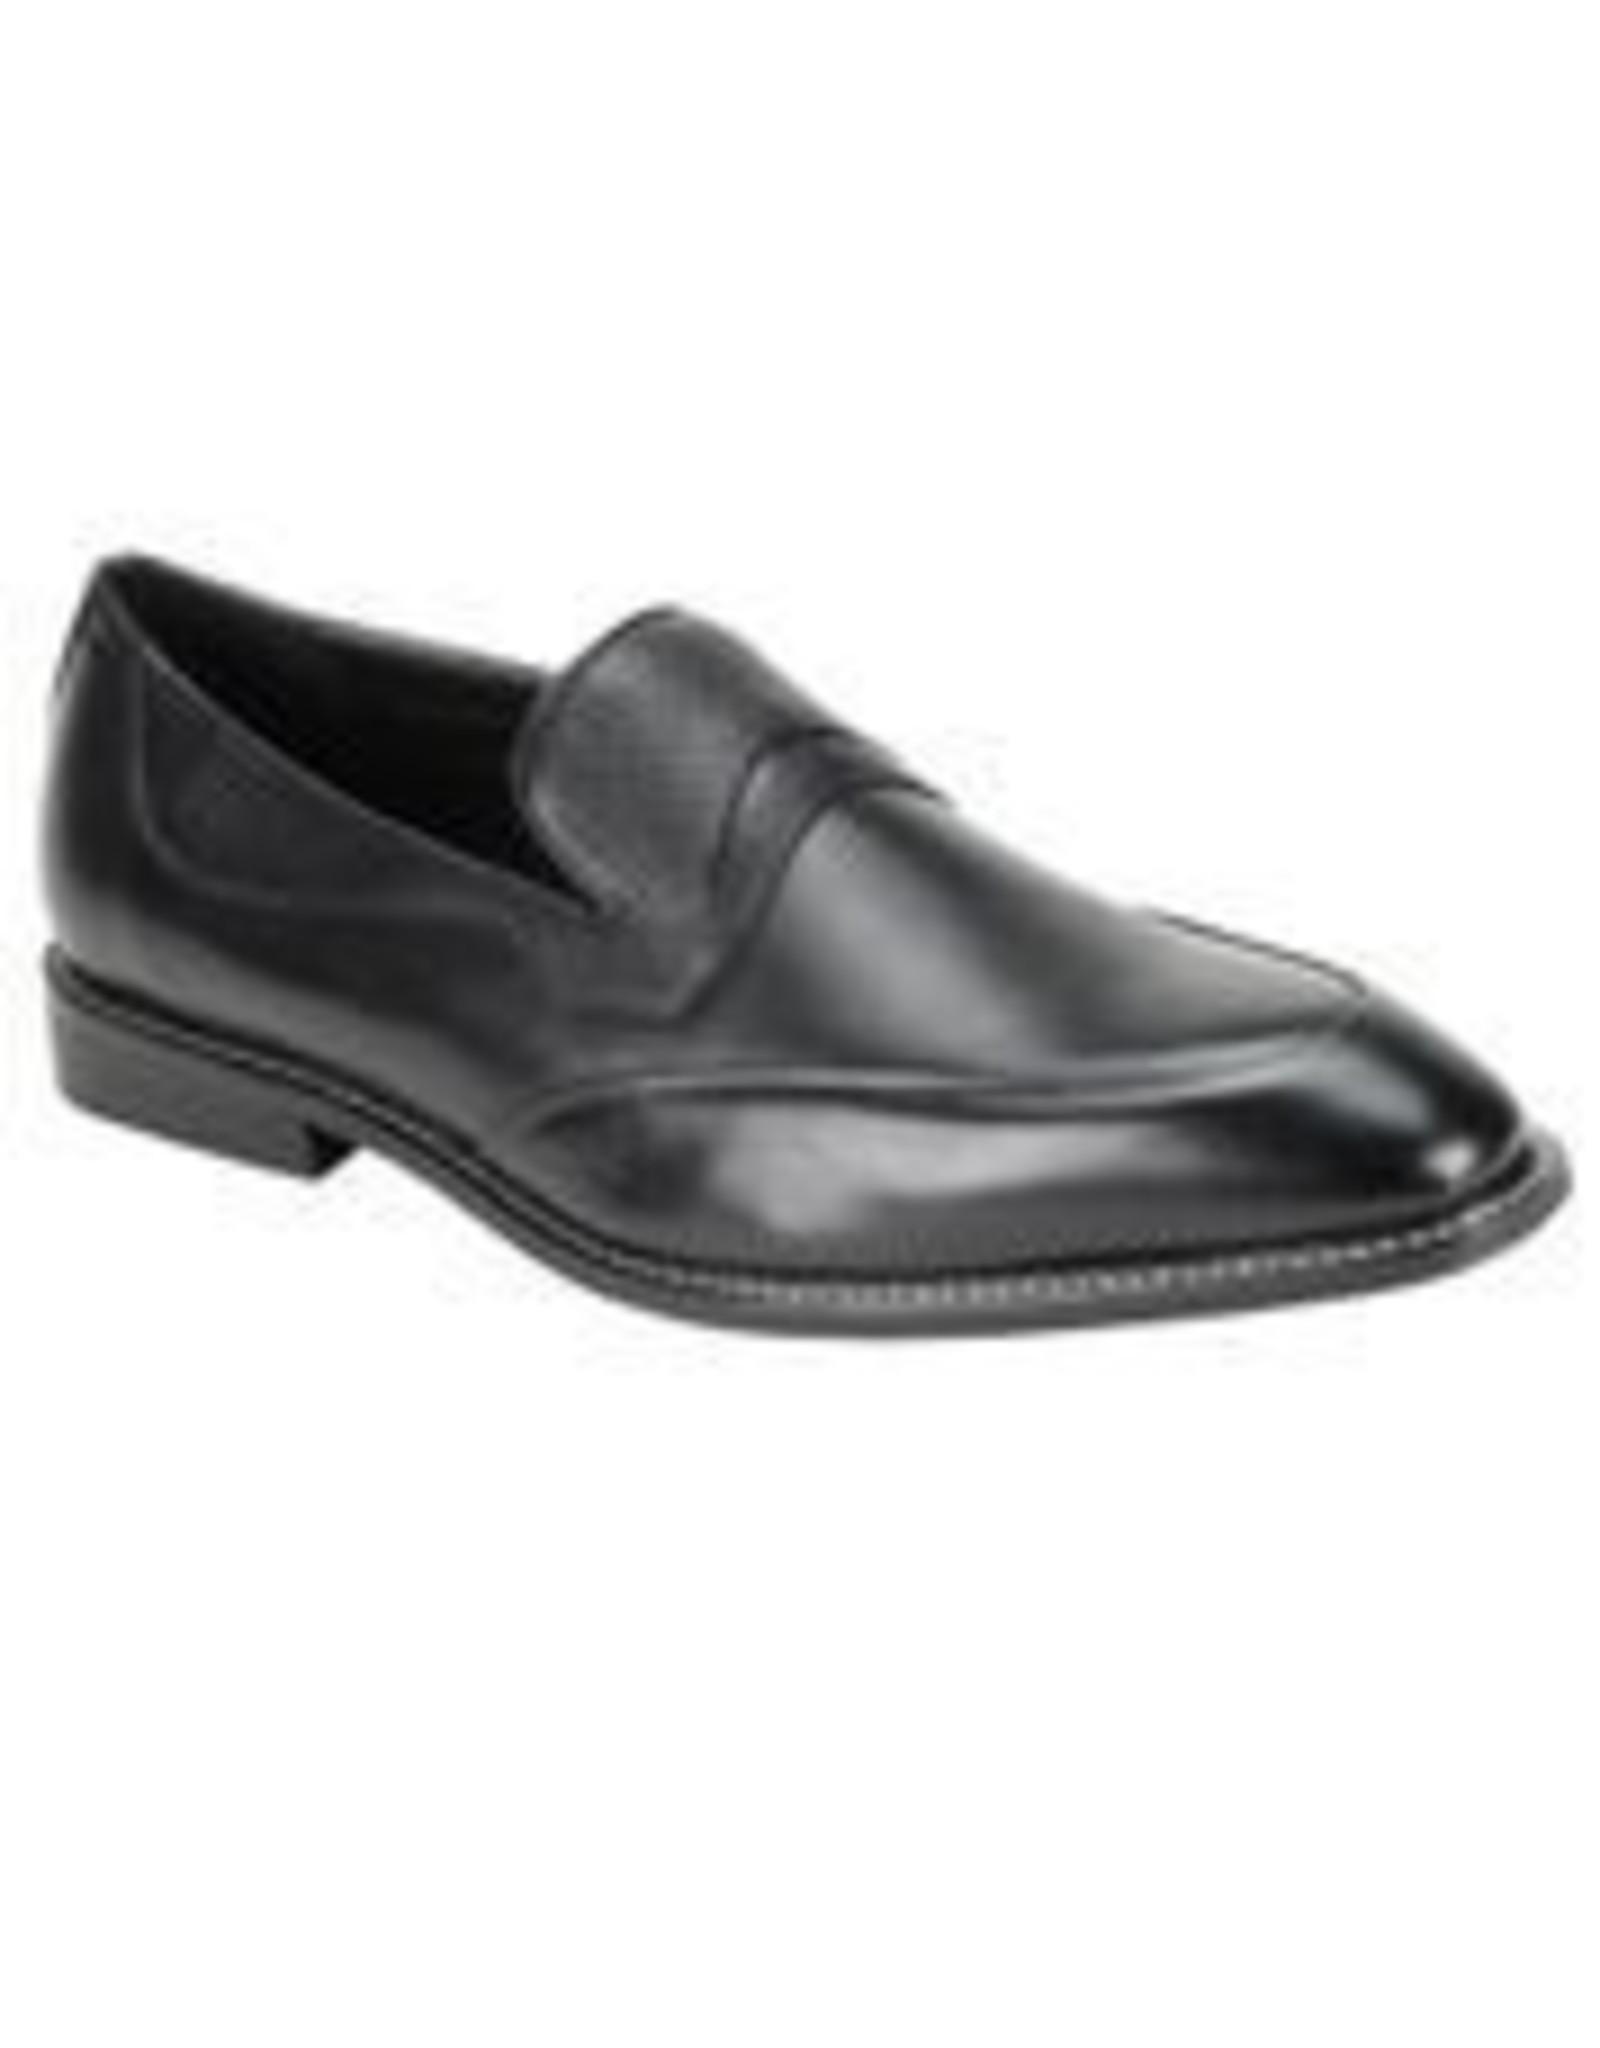 Antonio Cerrelli Antonio Cerrelli 6813 Dress Shoe - Black